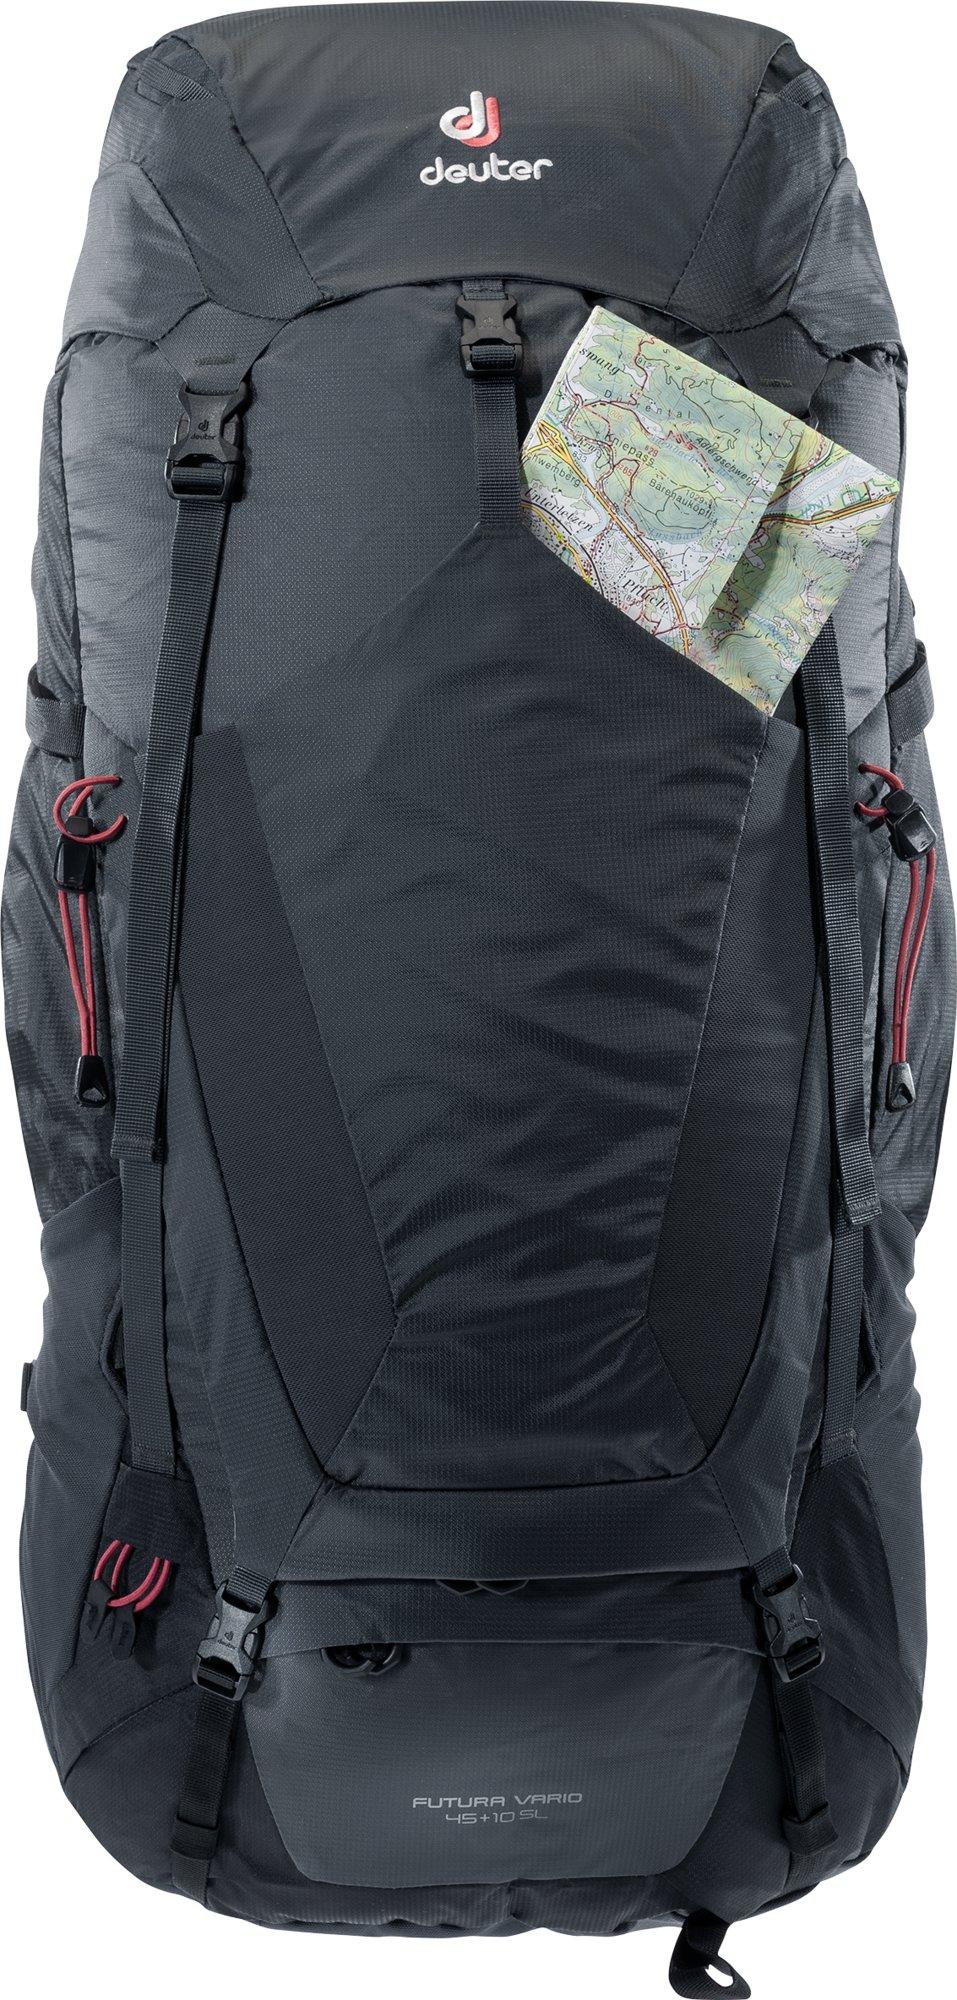 Deuter - Futura Vario 45 + 10 SL, Trekkingrucksack für Frauen